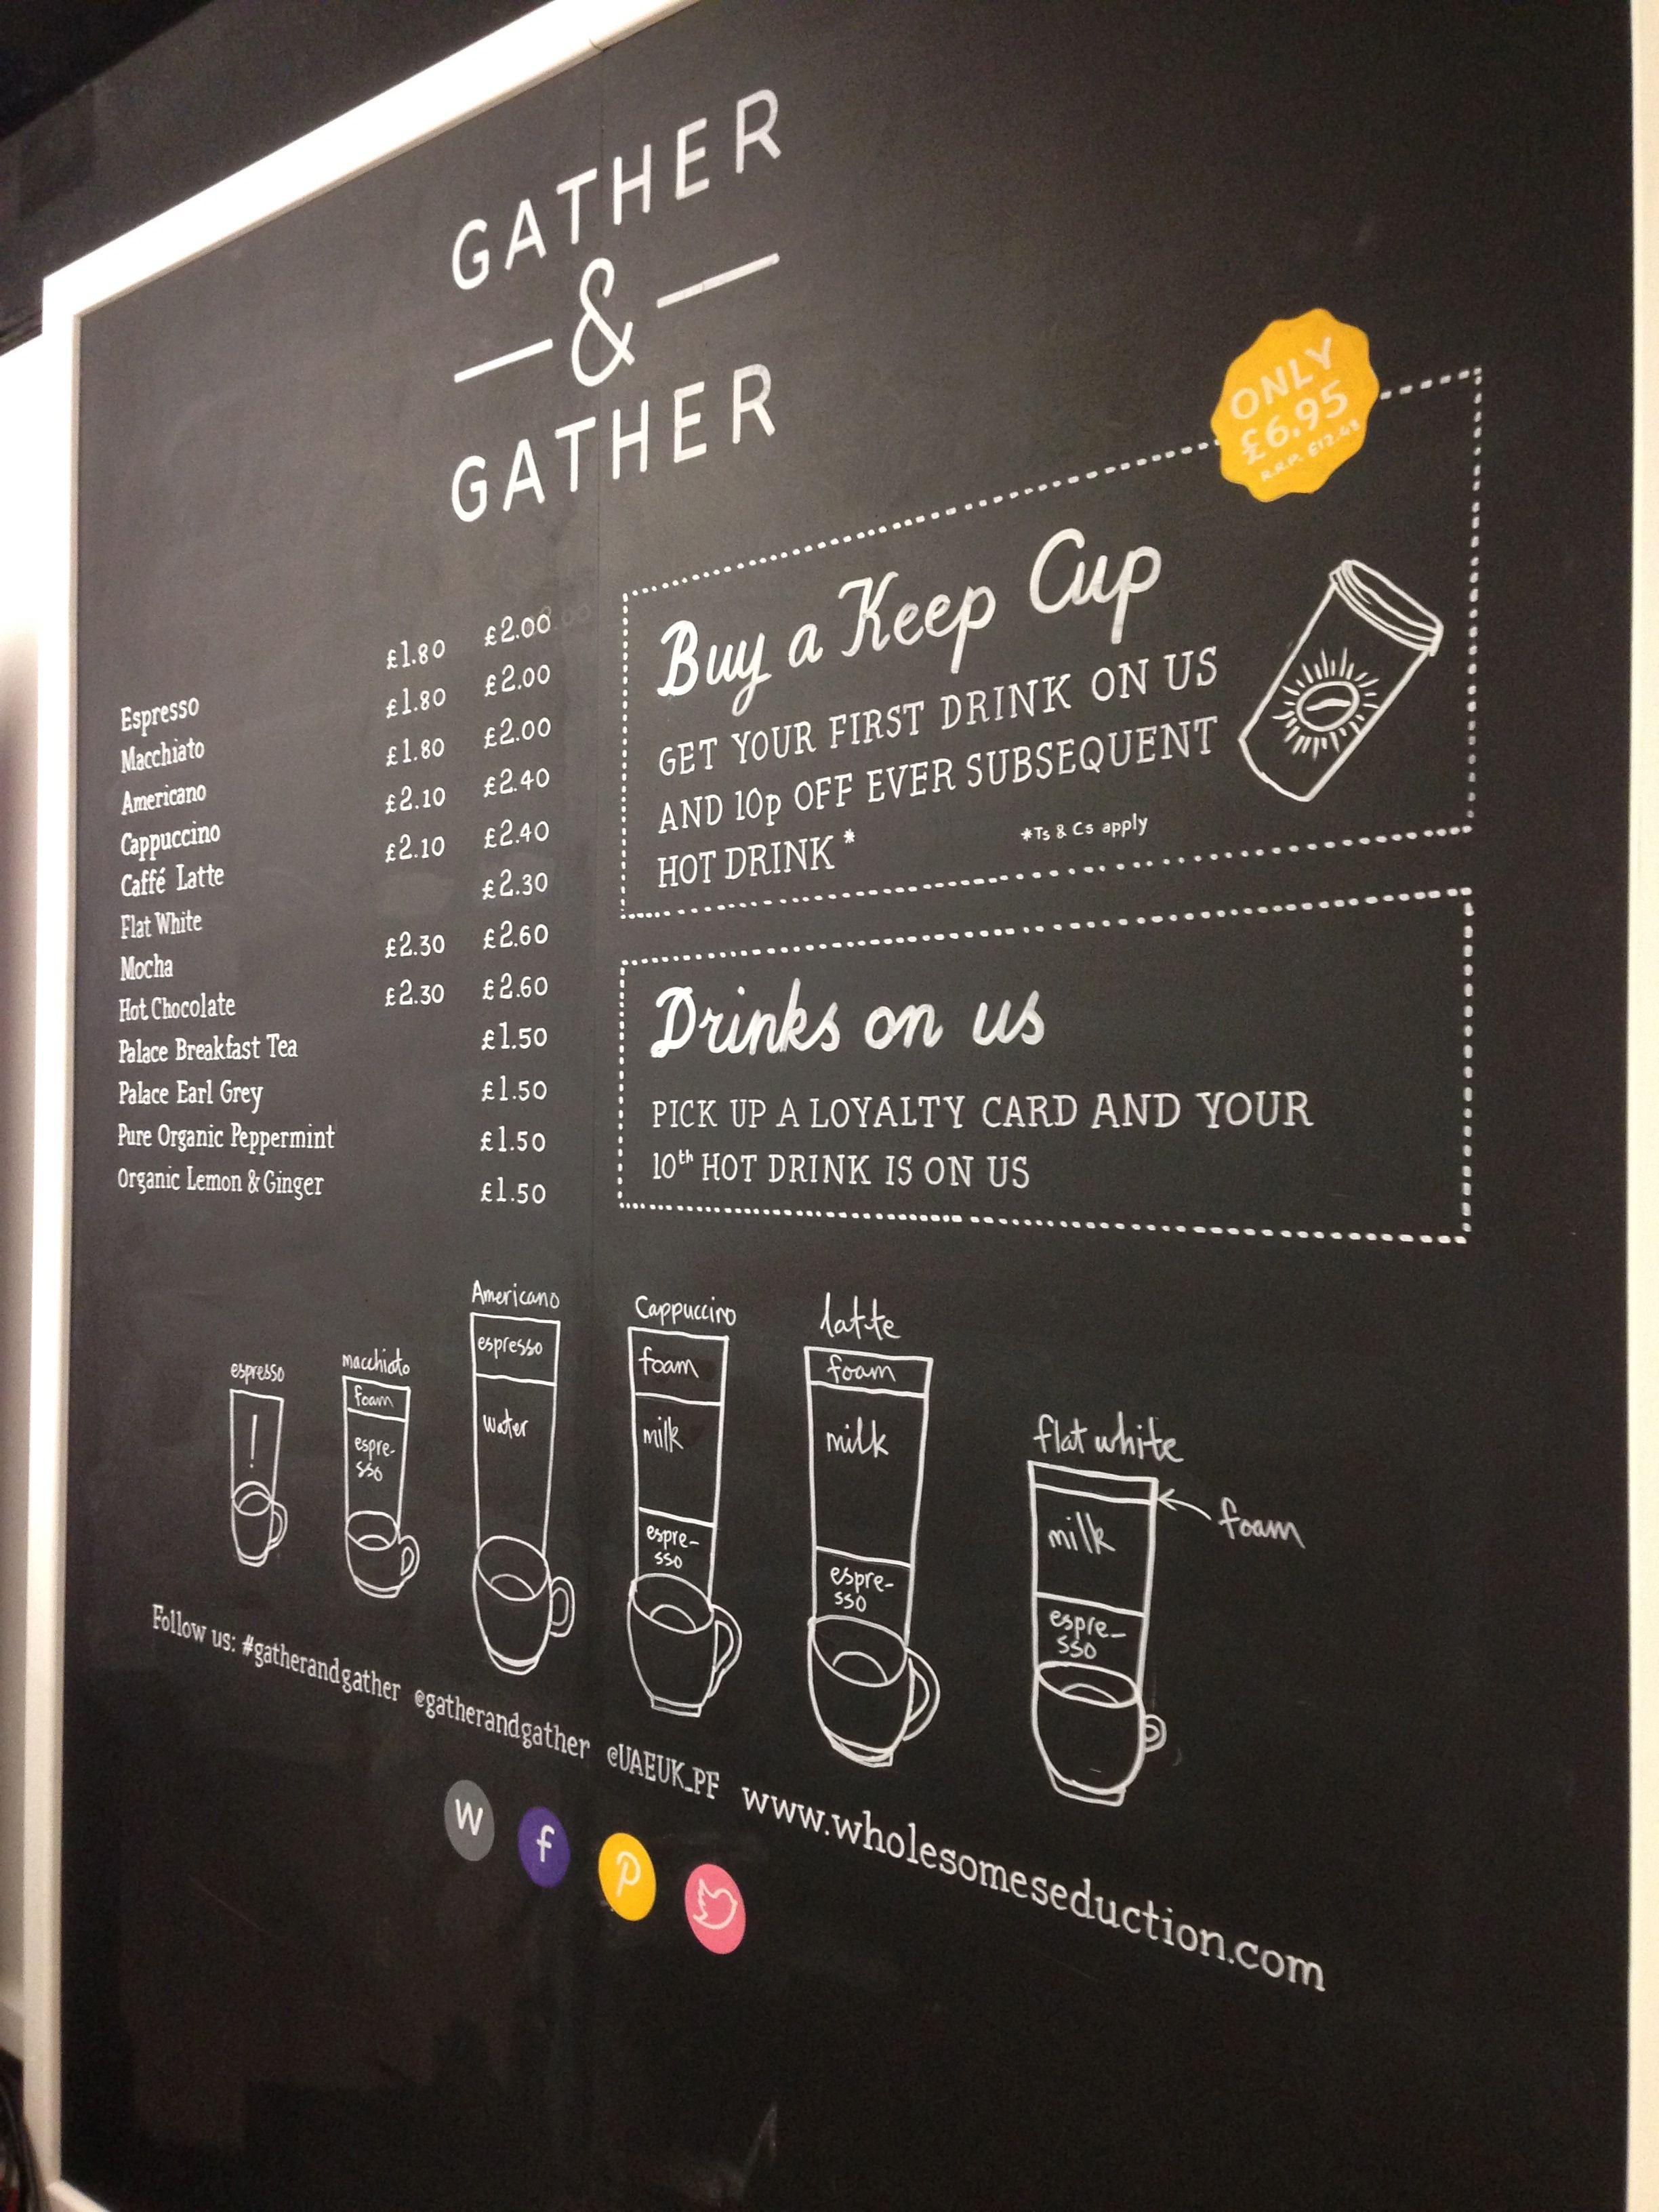 A Gather Gather Blackboard Uae Pioneers Forum Popup Cafe Pop Up Cafe Chalkboard Lettering Blackboard Menu